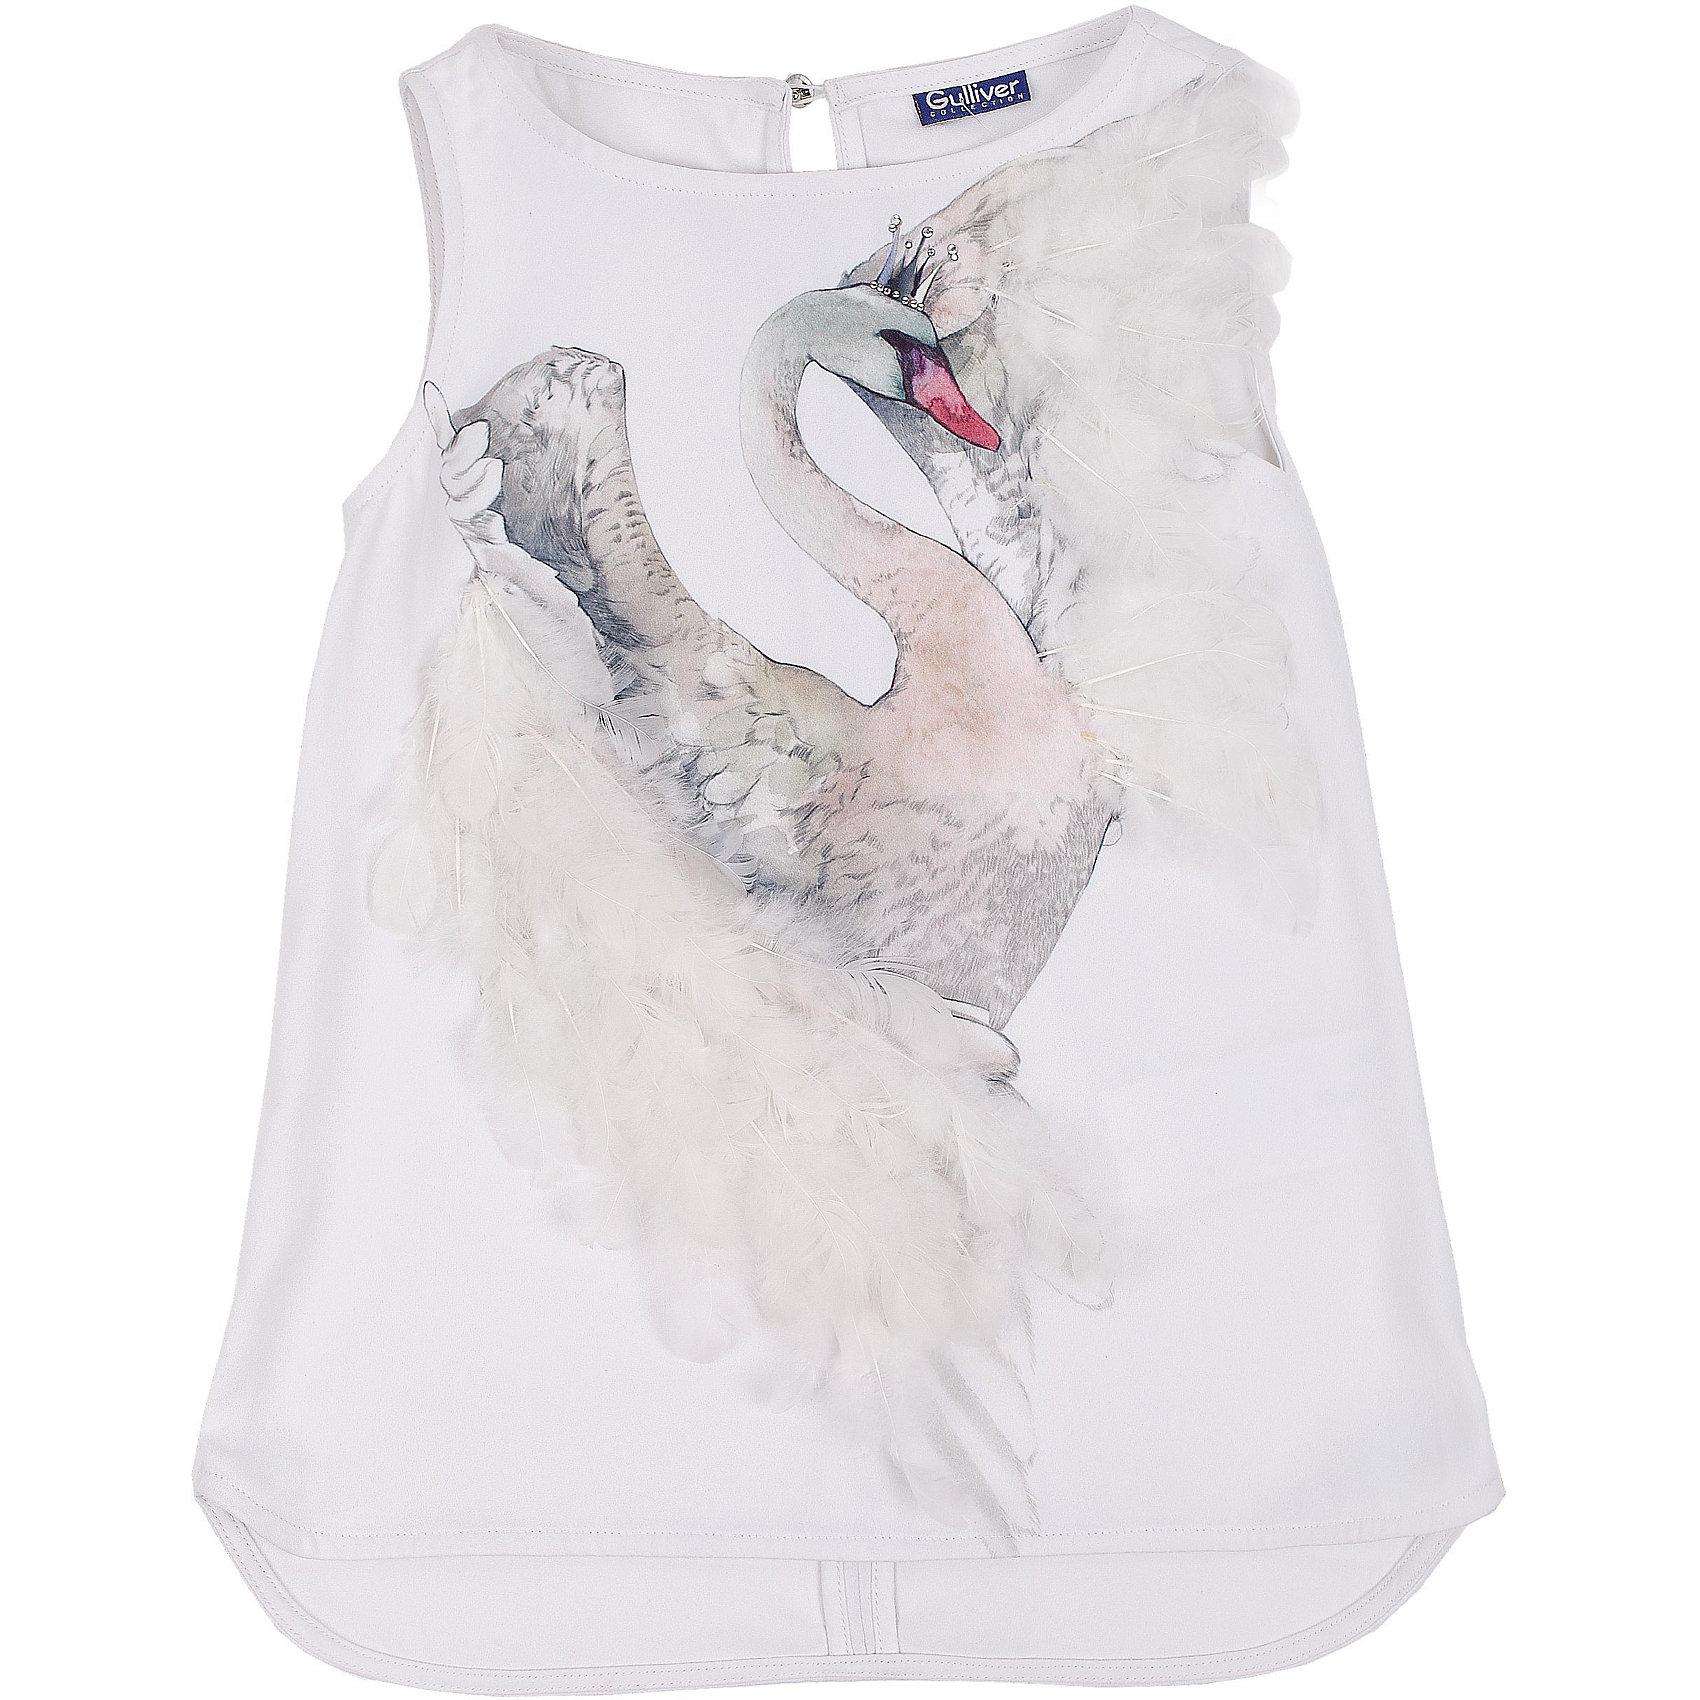 Блузка для девочки GulliverОдежда<br>Блузка для девочки от известного бренда Gulliver.<br>Подготовка к празднику - приятные хлопоты! Если вы хотите сделать праздничный день радостным и ярким, вам стоит купить элегантную белую блузку с нежным  декором. Блузка оформлена интересным акварельным принтом, расшитым натуральными перьями. В нем легкость птичьего полета, грациозность, изящество. Конечно, такая вещь требует деликатного отношения, но ведь и праздники случаются не каждый день? Эта модель - лучший выбор блузки для девочки. Она сделает образ ребенка нежным, утонченным, изысканным.<br>Состав:<br>верх: 100% полиэстер; подкладка: 76% вискоза 19% полиэстер 5% эластан<br><br>Ширина мм: 186<br>Глубина мм: 87<br>Высота мм: 198<br>Вес г: 197<br>Цвет: белый<br>Возраст от месяцев: 132<br>Возраст до месяцев: 144<br>Пол: Женский<br>Возраст: Детский<br>Размер: 152,164,158,146<br>SKU: 5103519